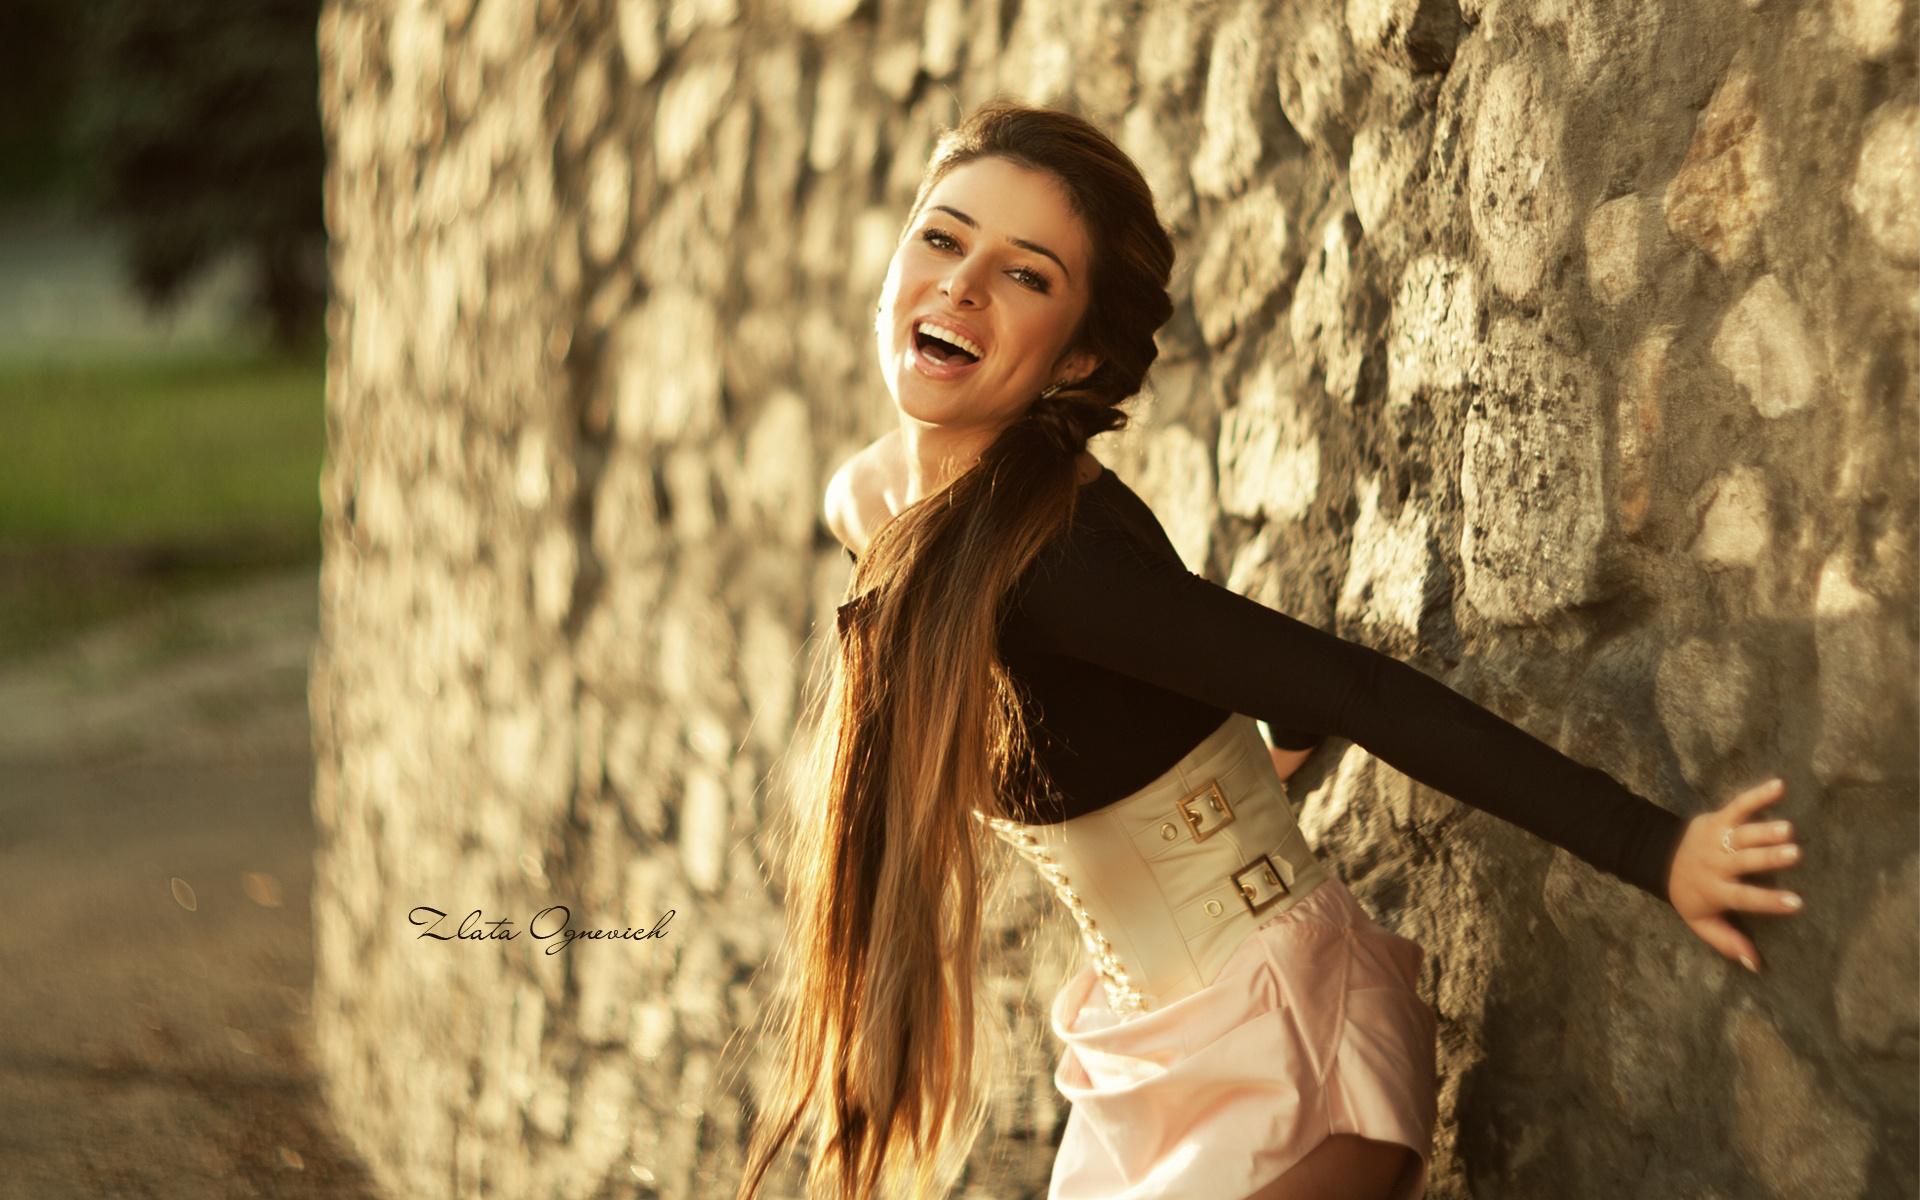 Фото красивых девушек на фоне стены